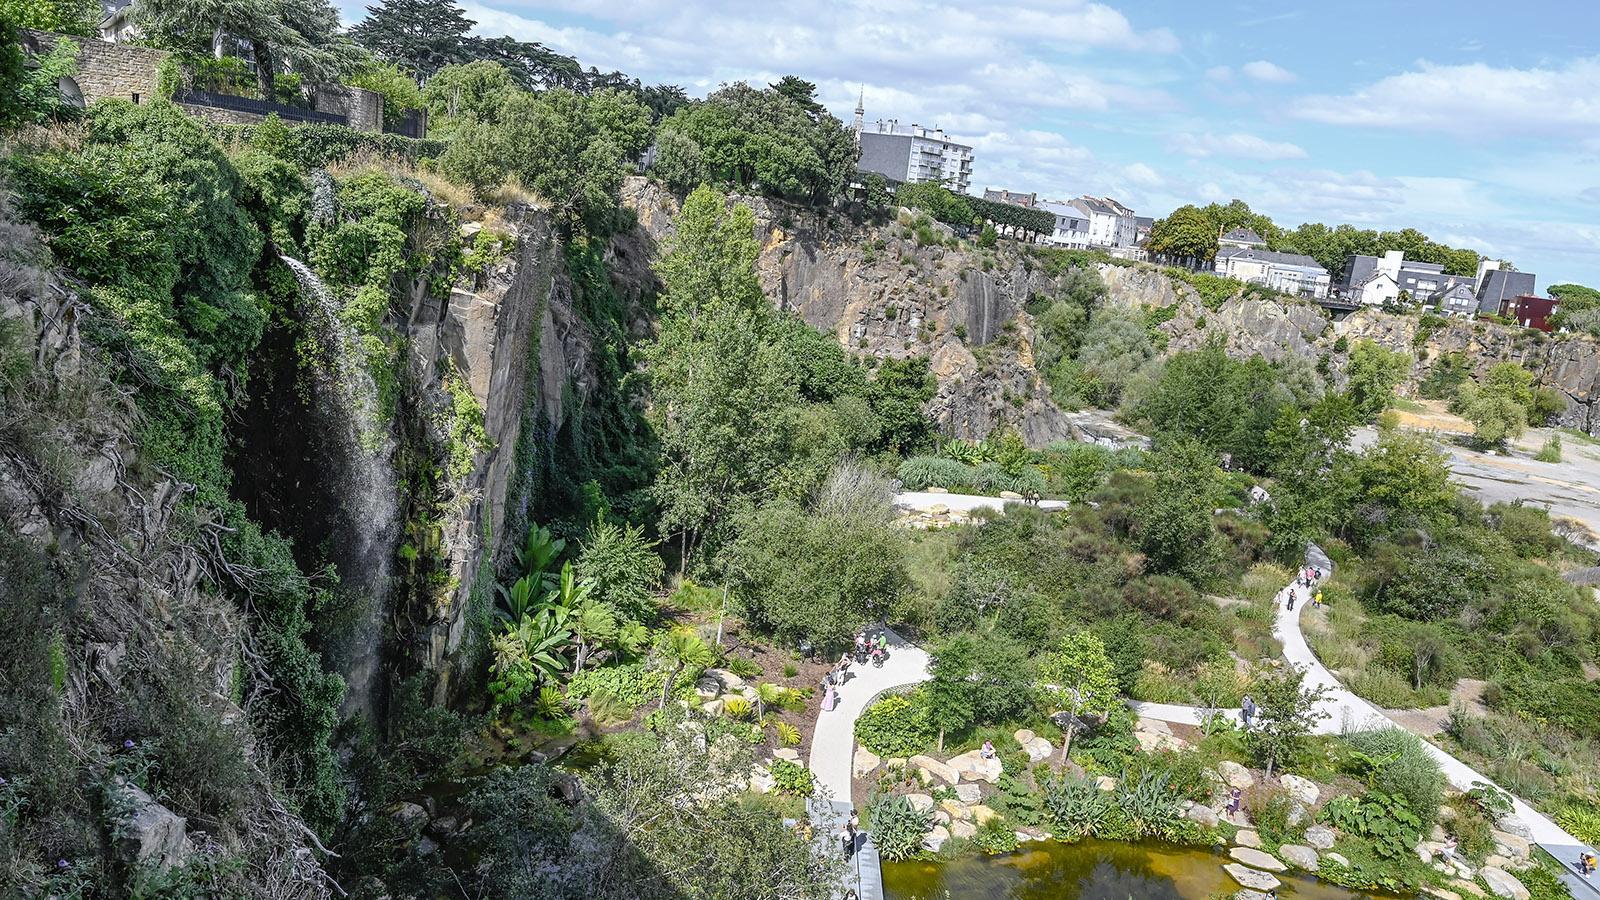 Nantes: Le Parc Extraordinaire. Foto: Hilke Maunder